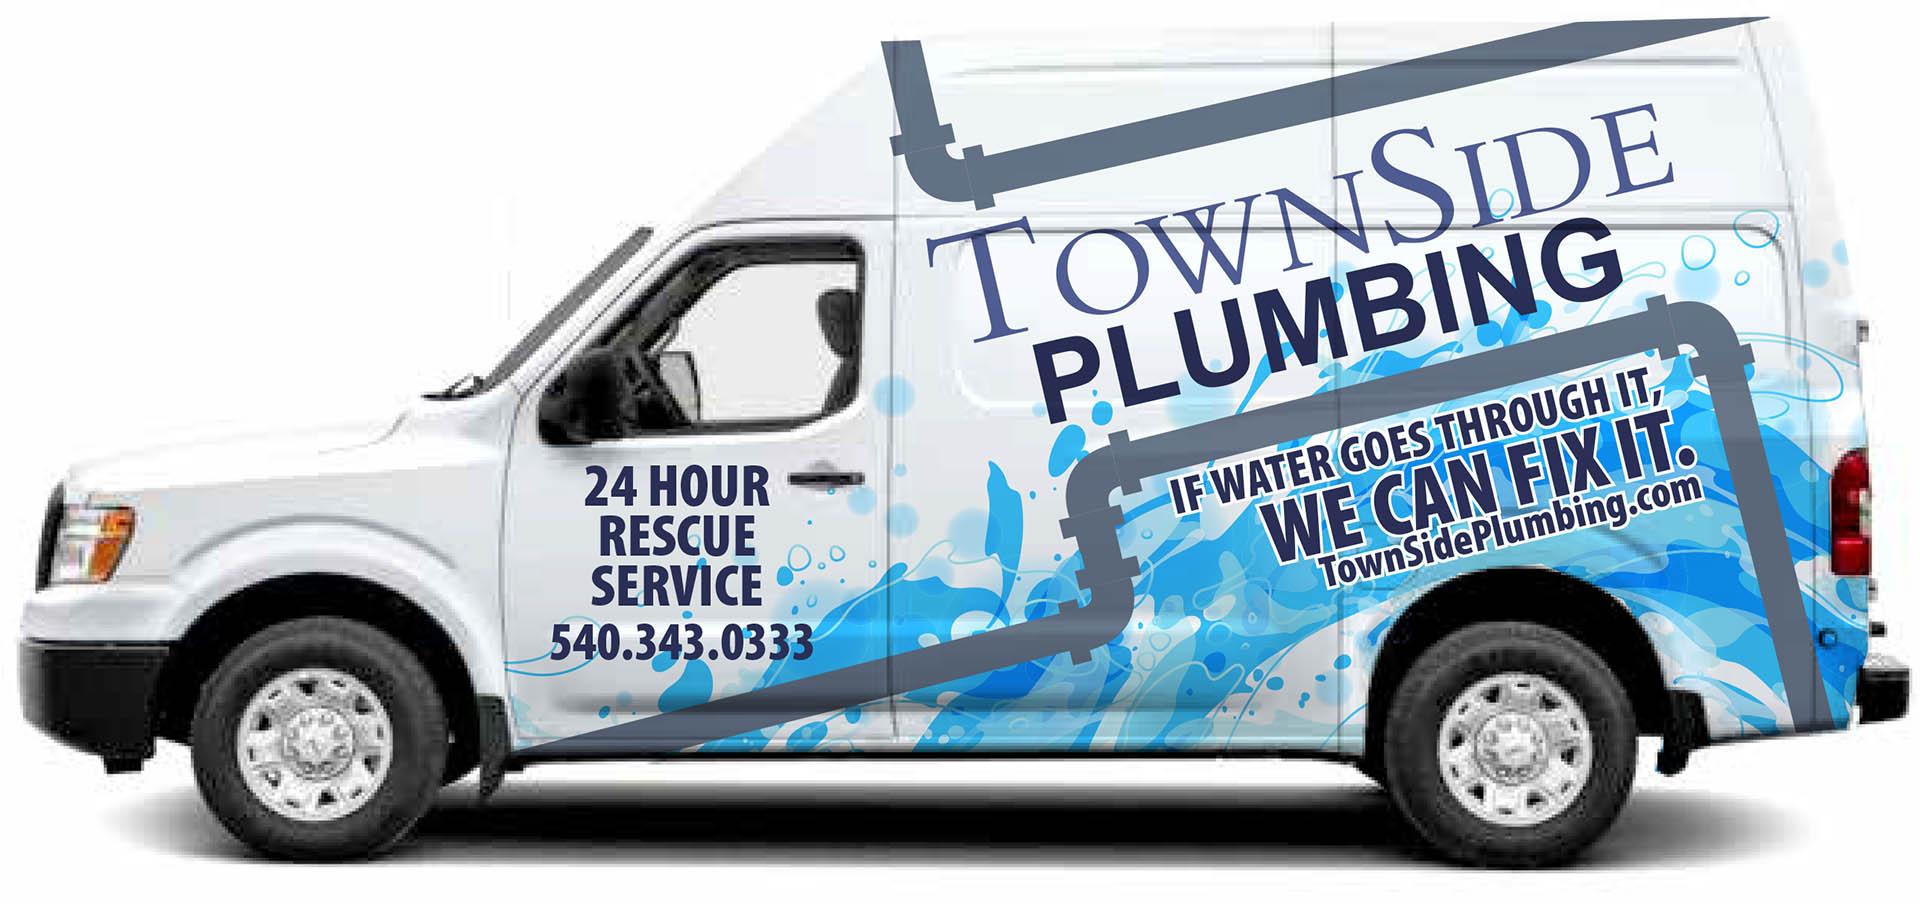 townside plumbing estimates townside plumbing estimates